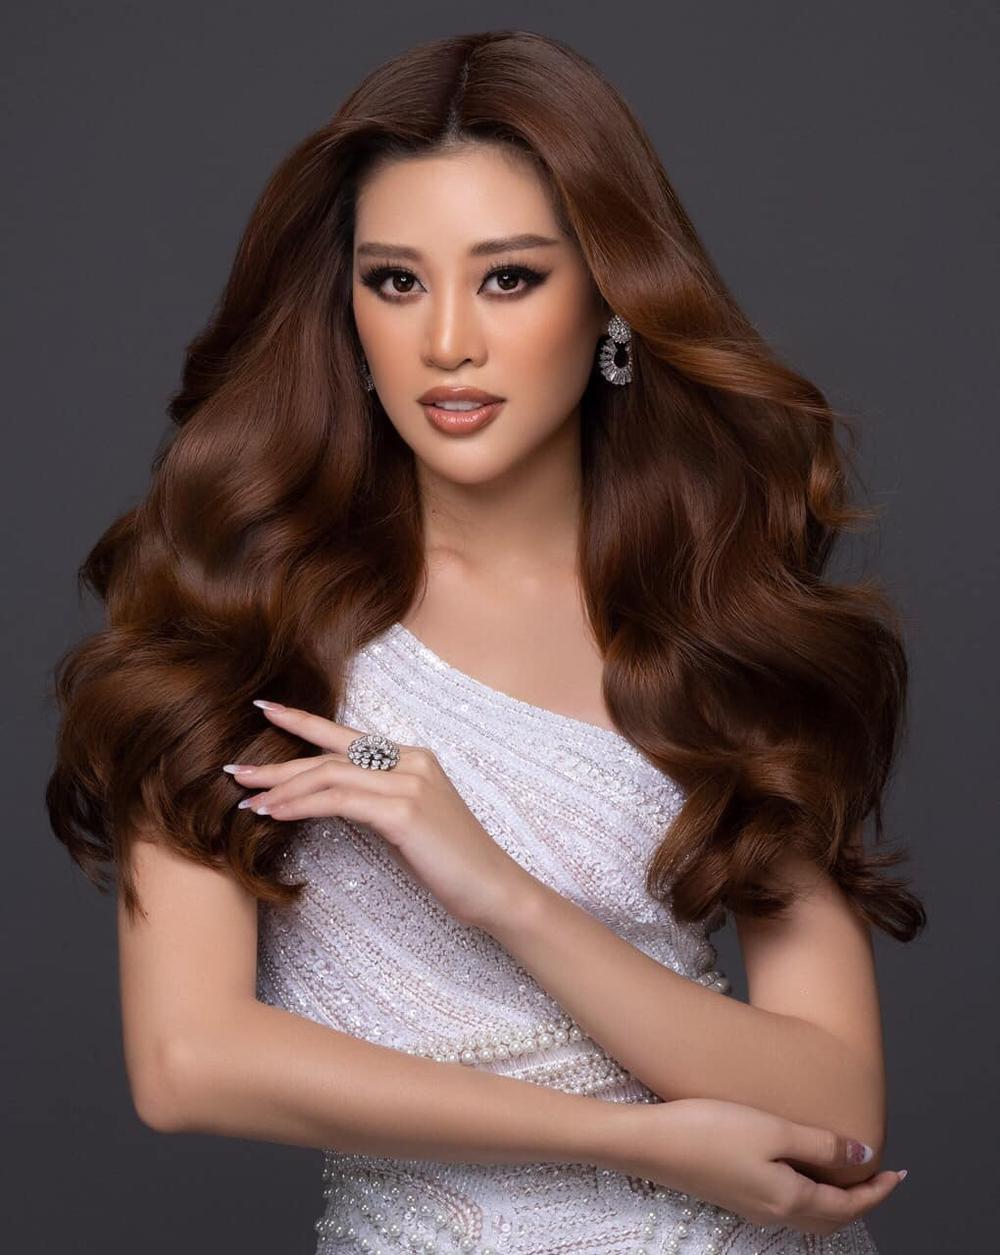 Đại diện Việt Nam vắng mặt trong Top 11 Super của Global Beauties: Fan chờ đợi Khánh Vân bùng nổ Ảnh 12